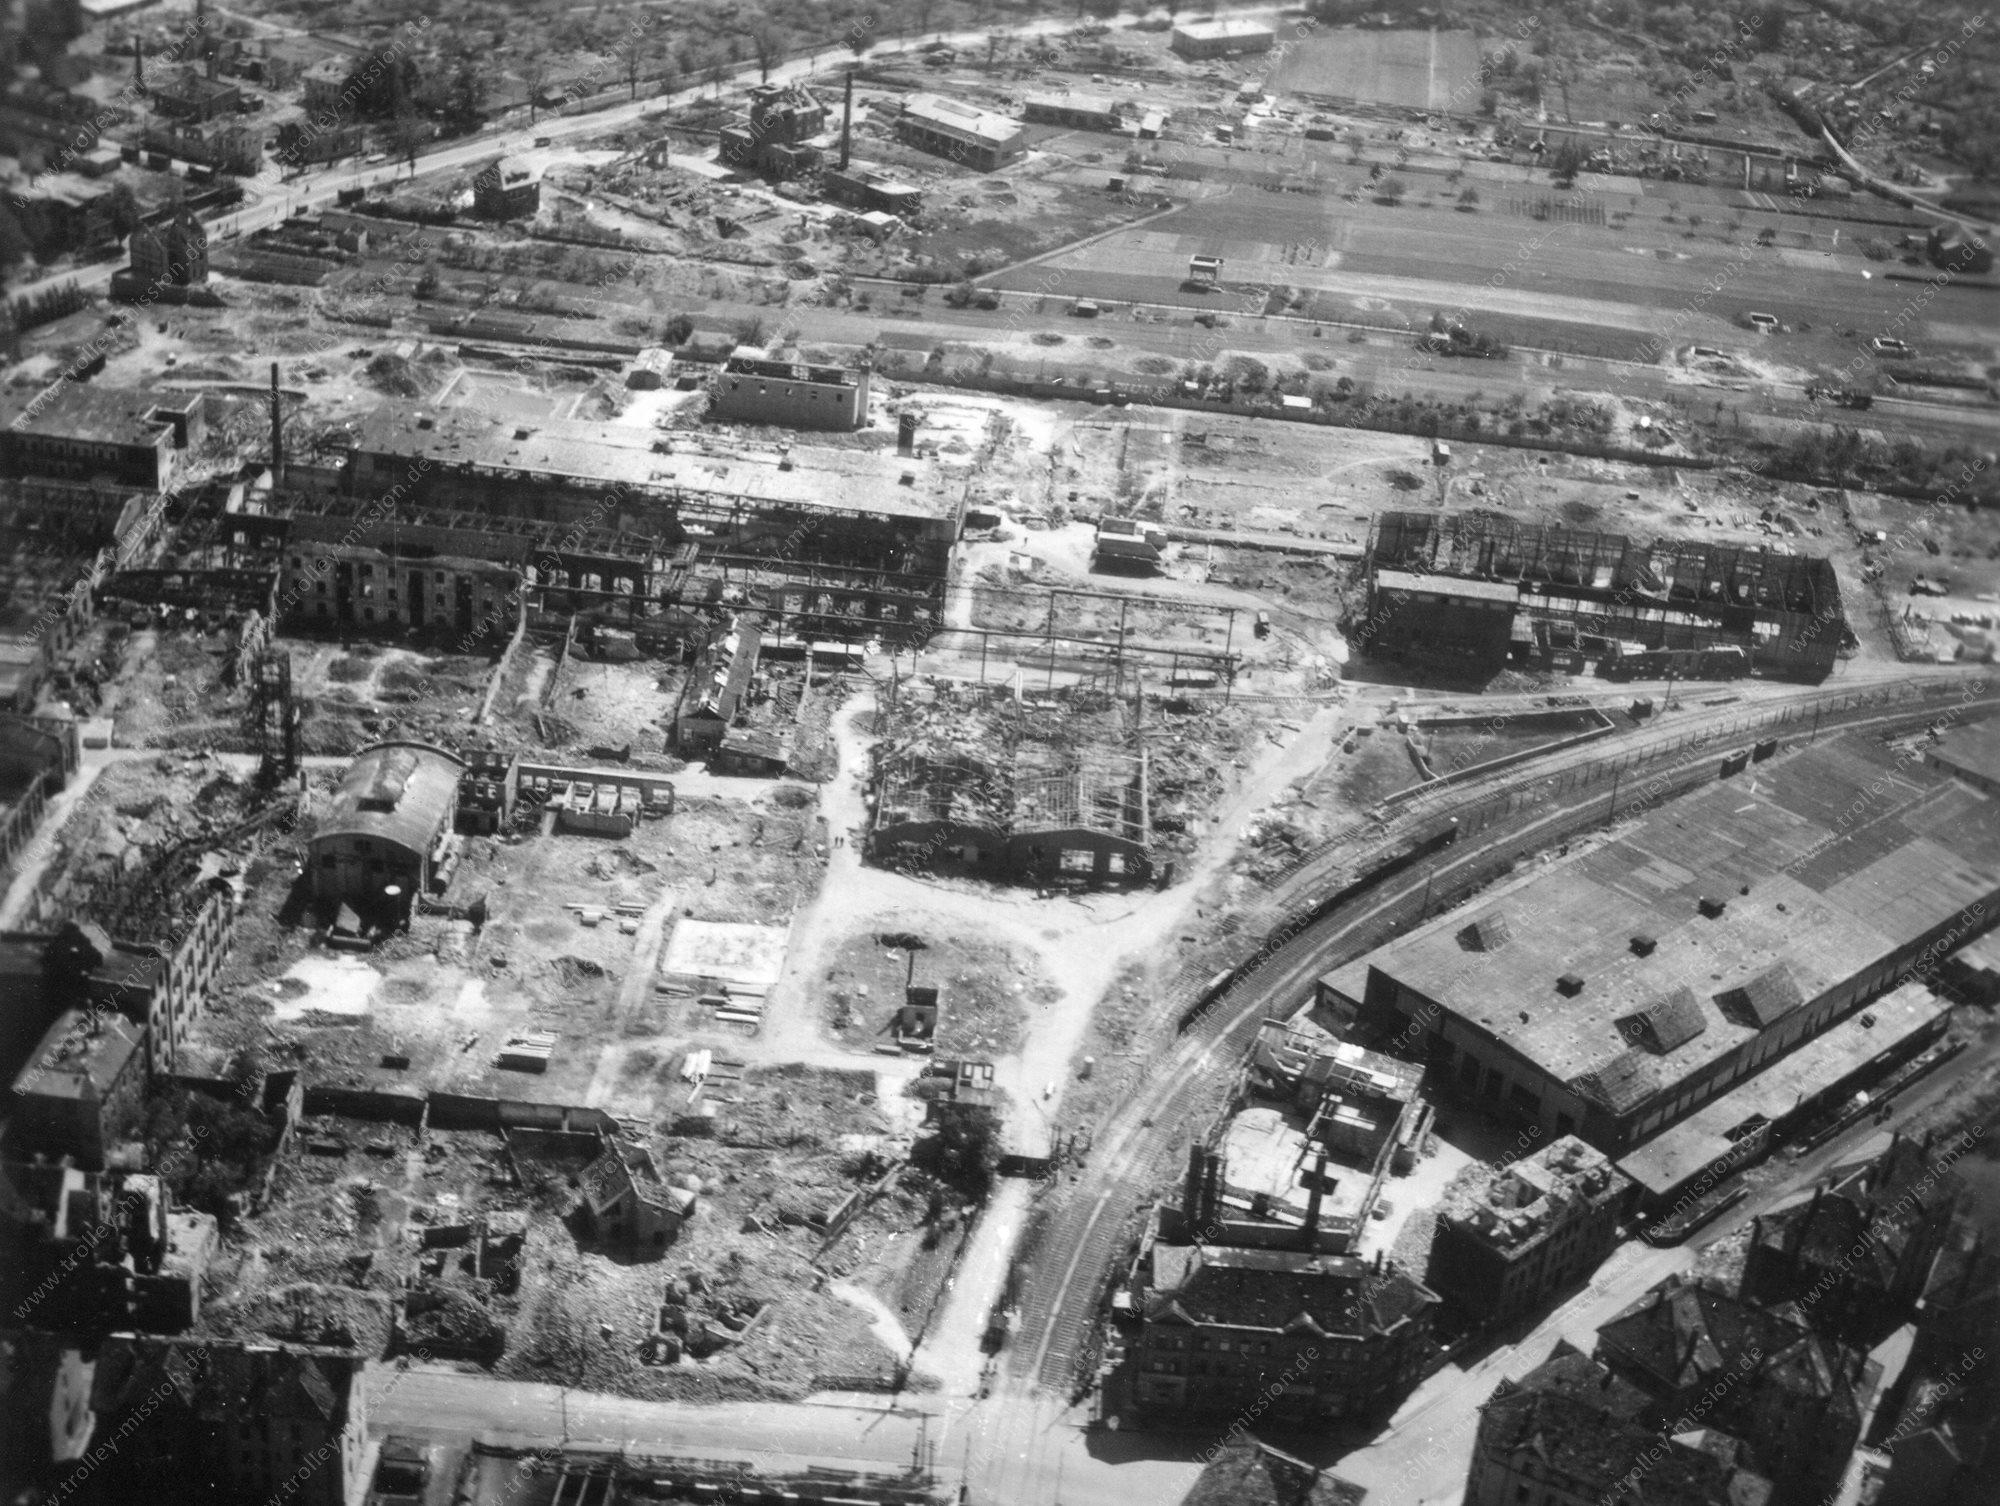 Luftbild von Braunschweig im Mai 1945 - Hugo-Luther-Straße, Arndstraße und Westbahnhof sowie Luther-Werke